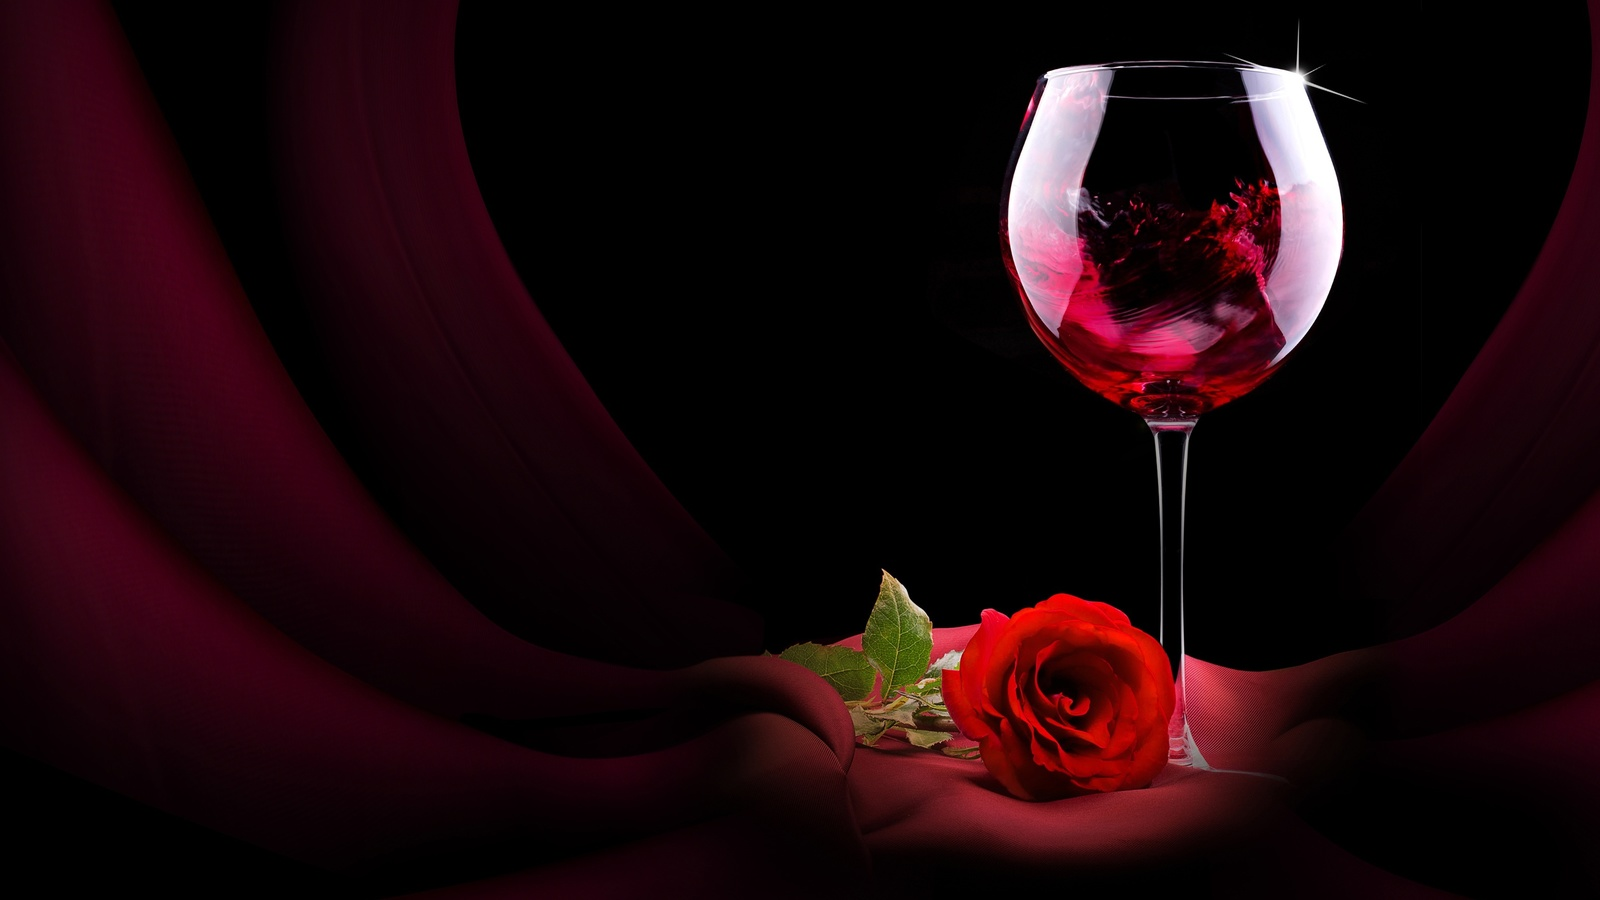 натюрморт, бокал, напиток, вино, цветок, роза, ткань, штора